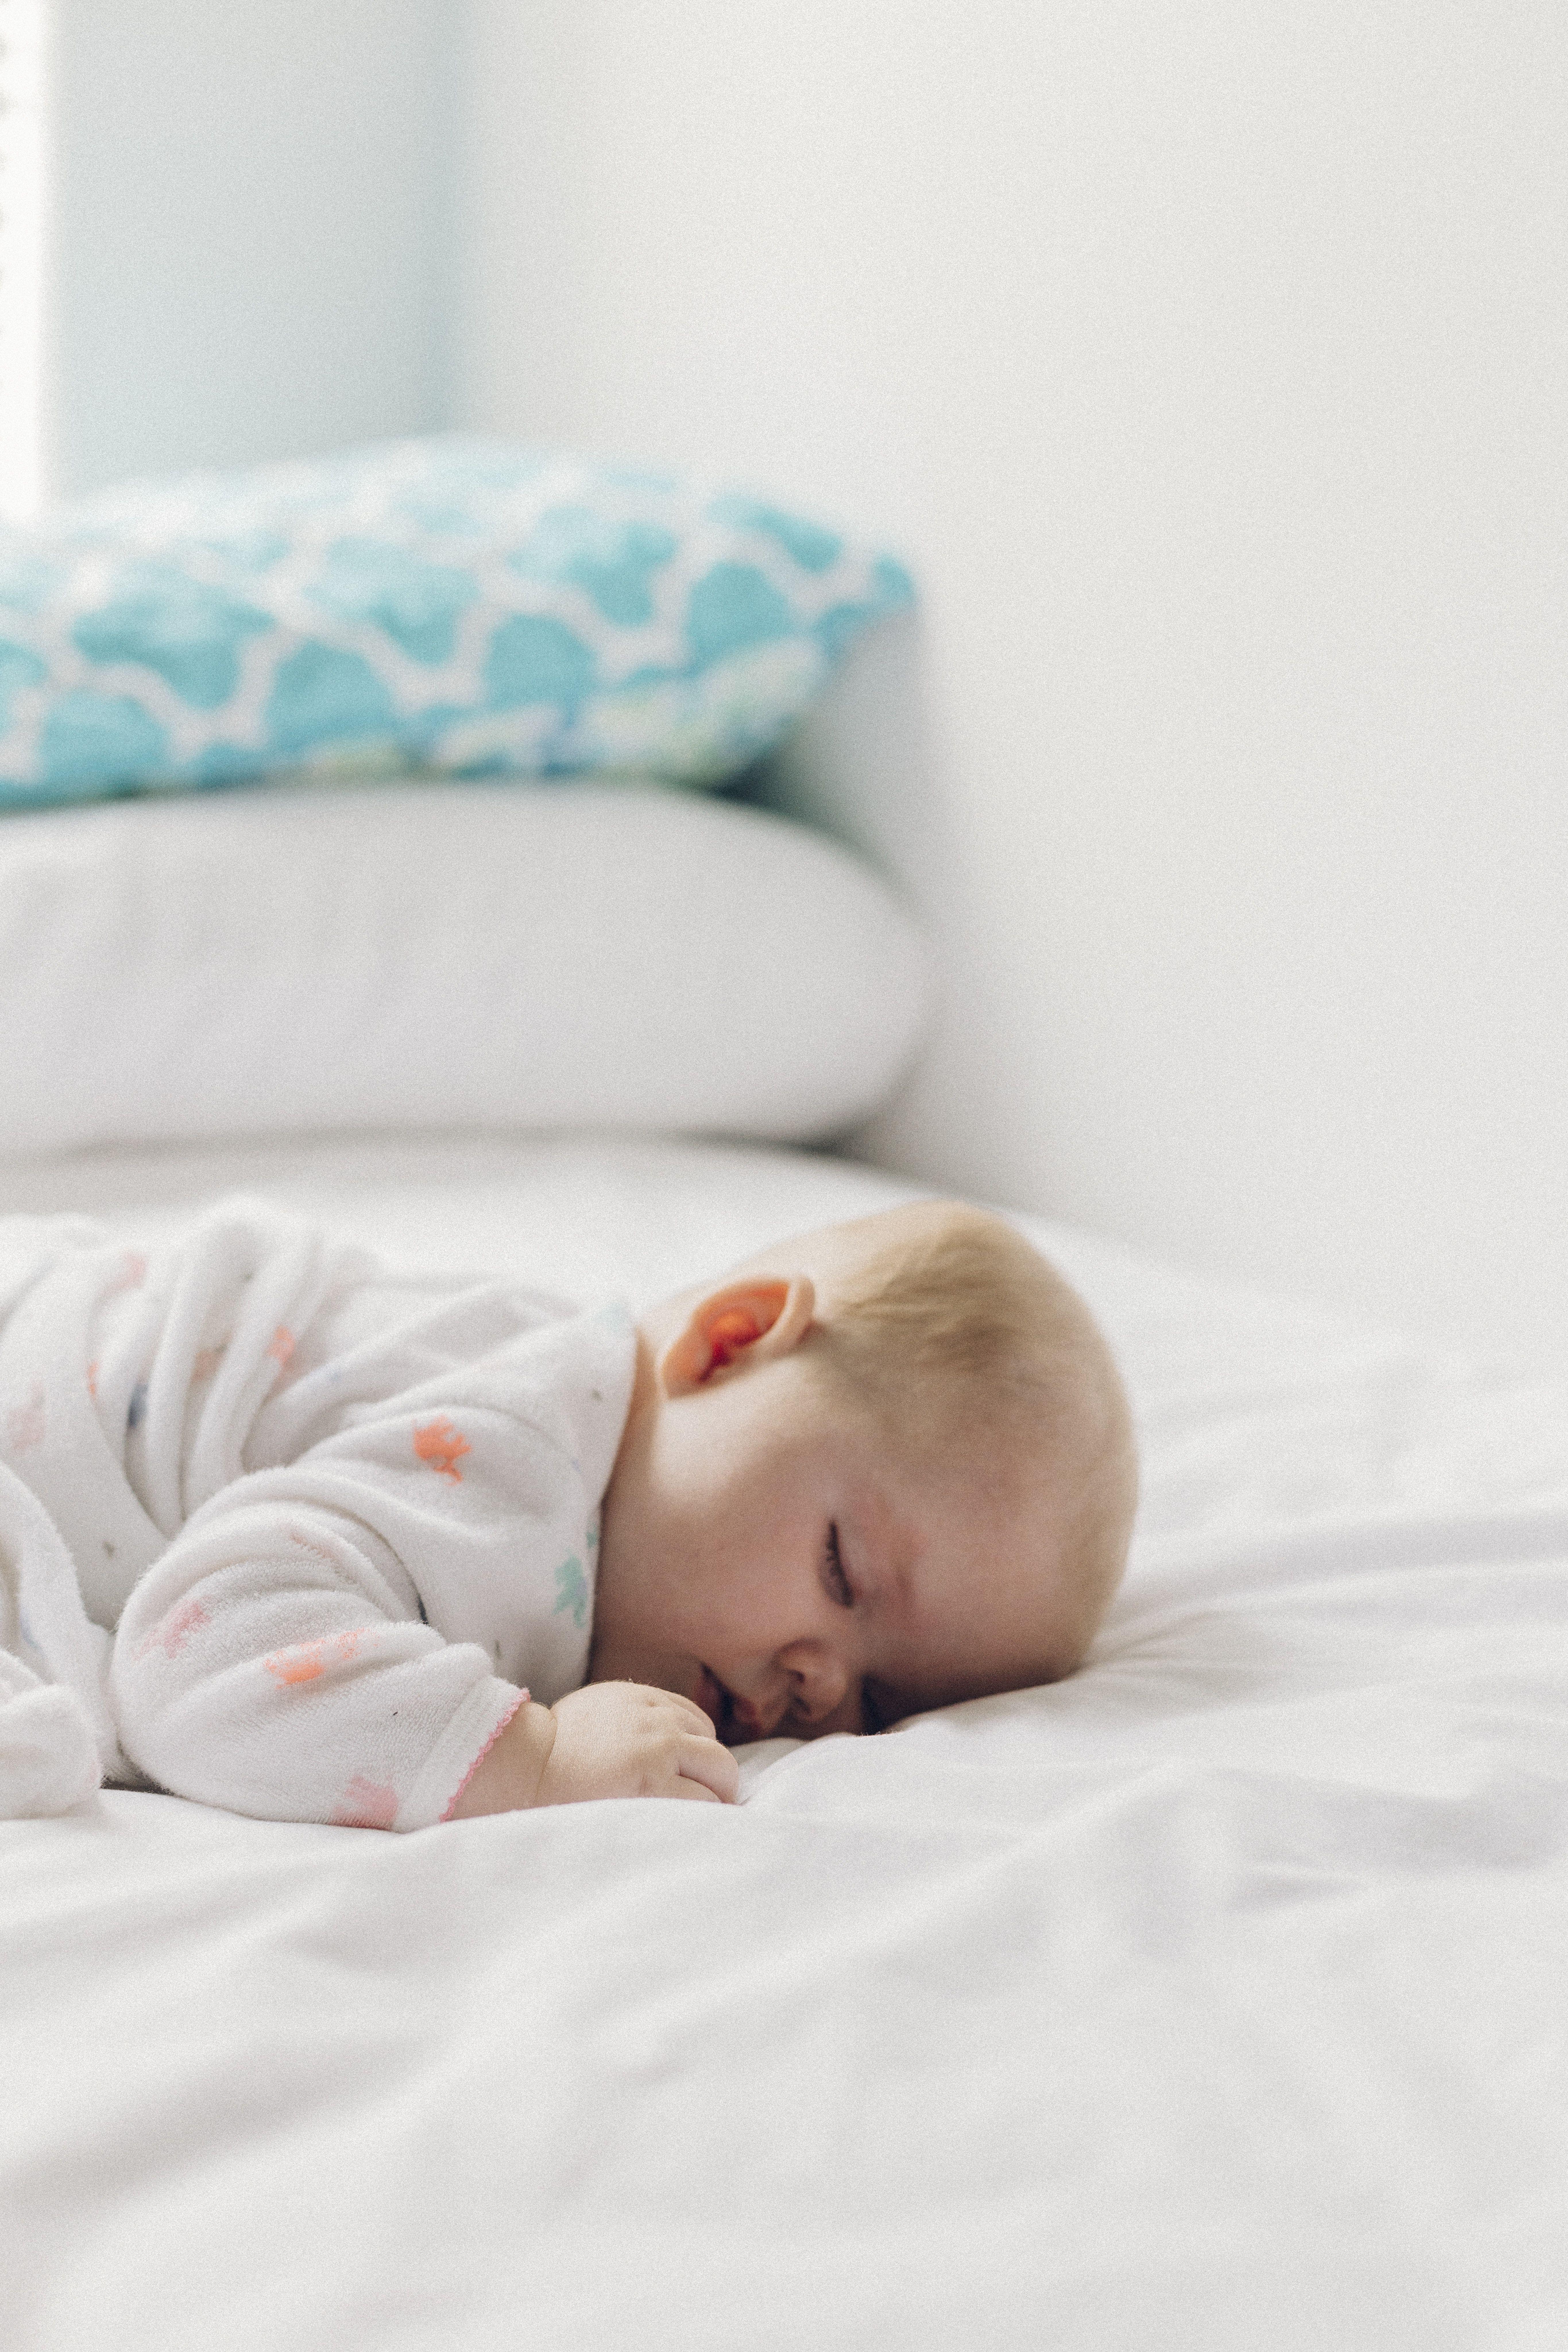 A Baby Sleeping Peacefully On A Bed Baby Sleep Kids Sleep Baby